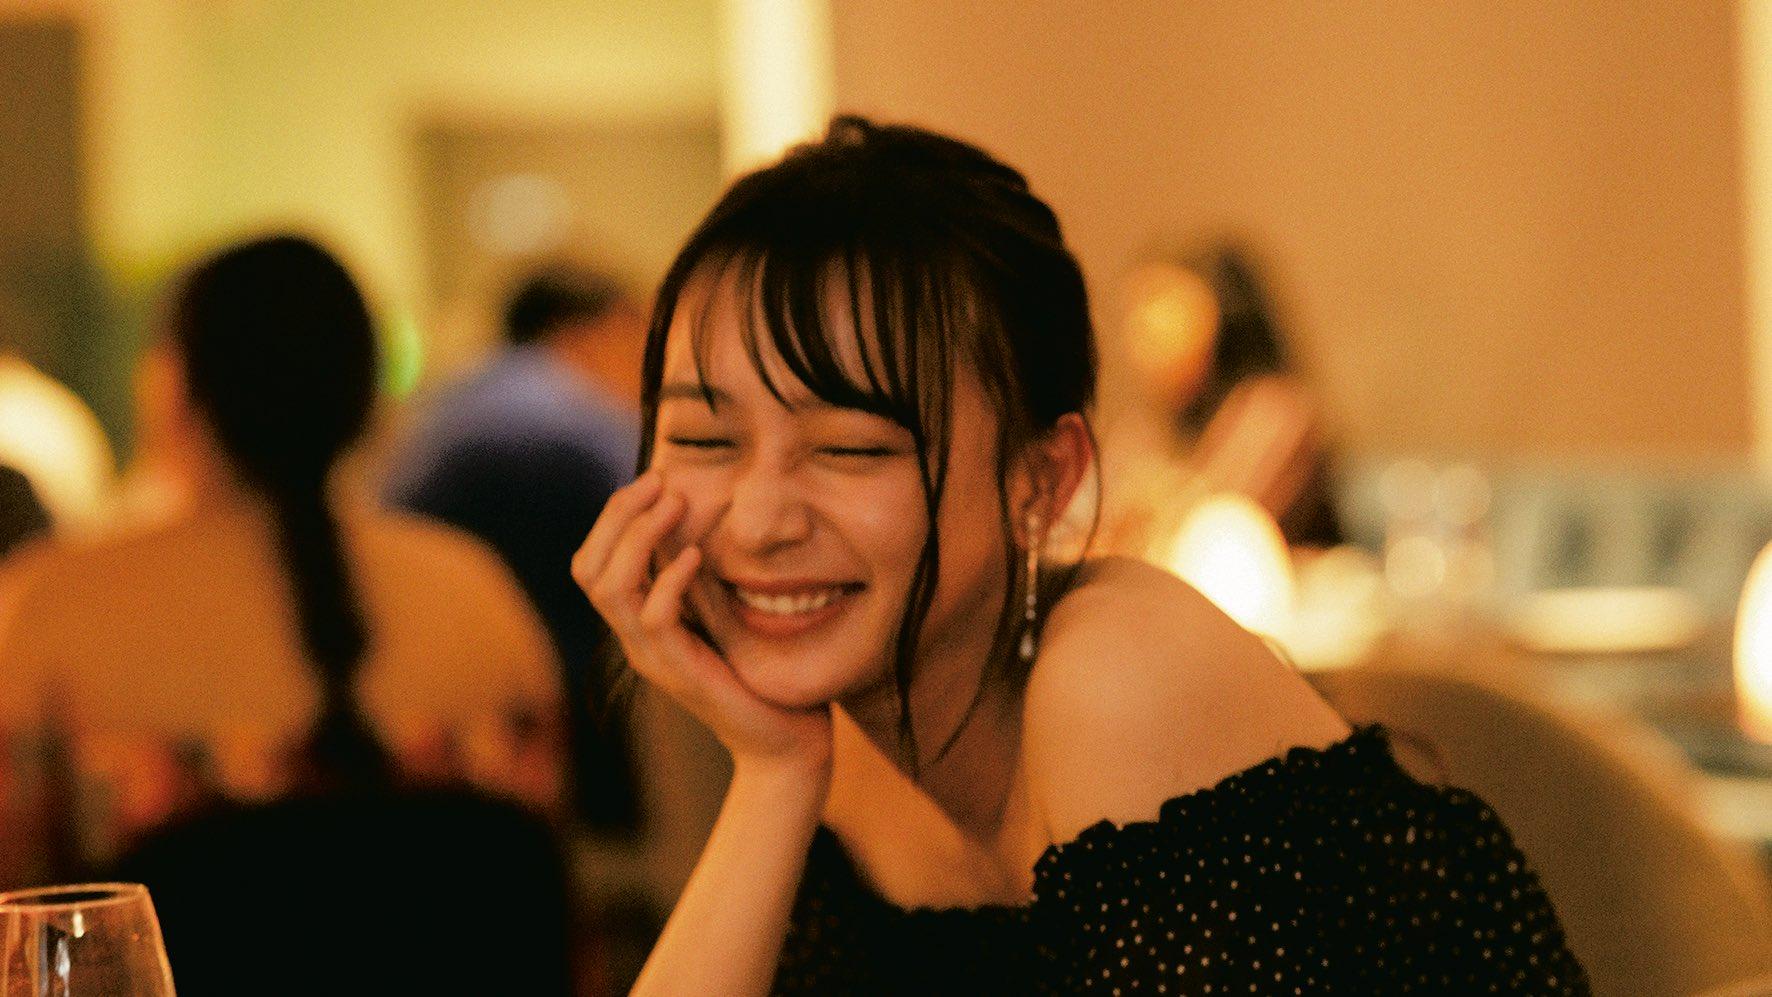 鈴木絢音40